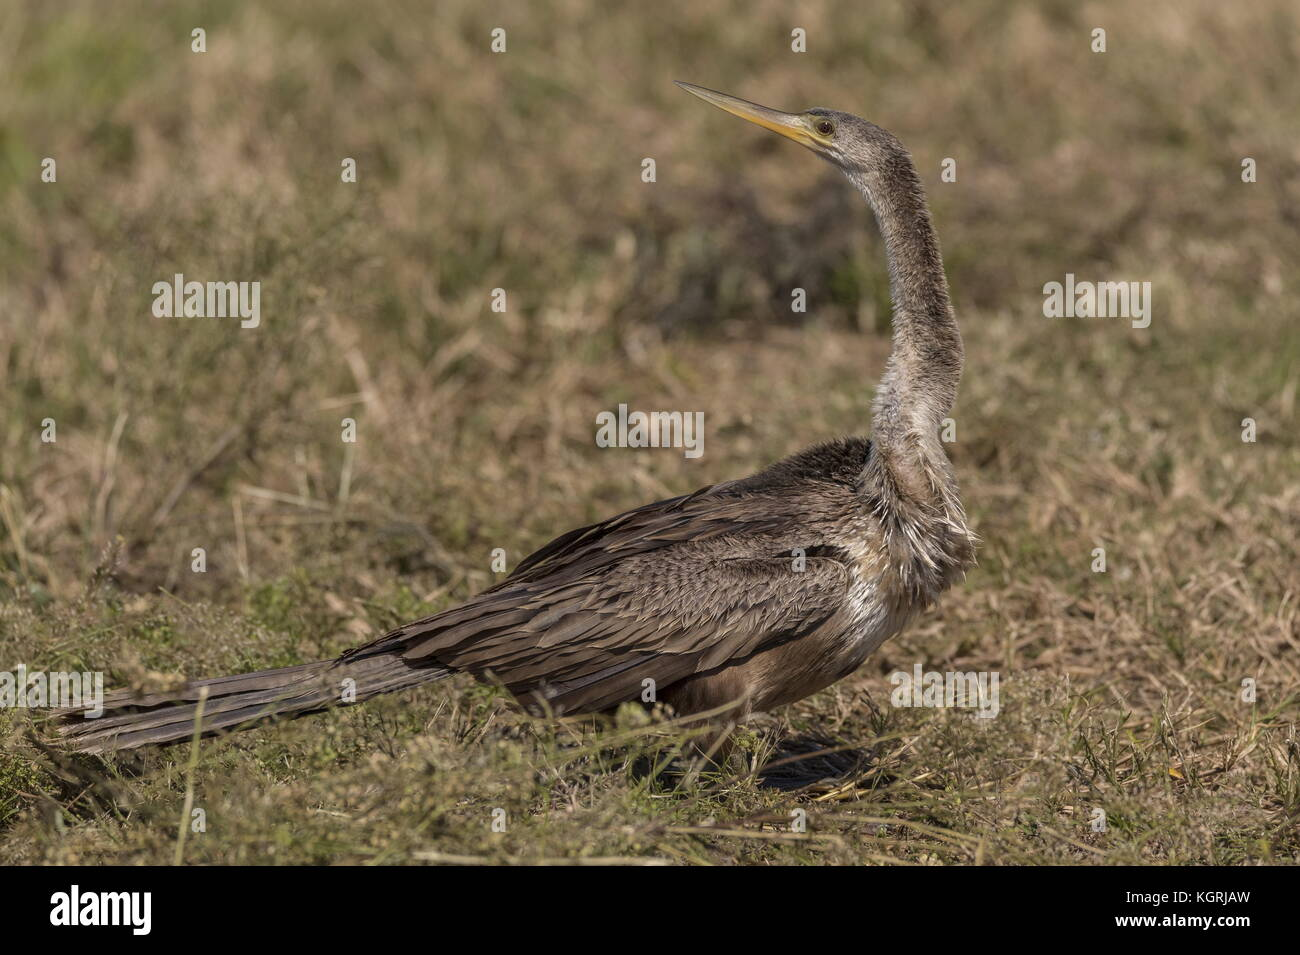 Anhinga, Anhinga anhinga, in Florida. - Stock Image